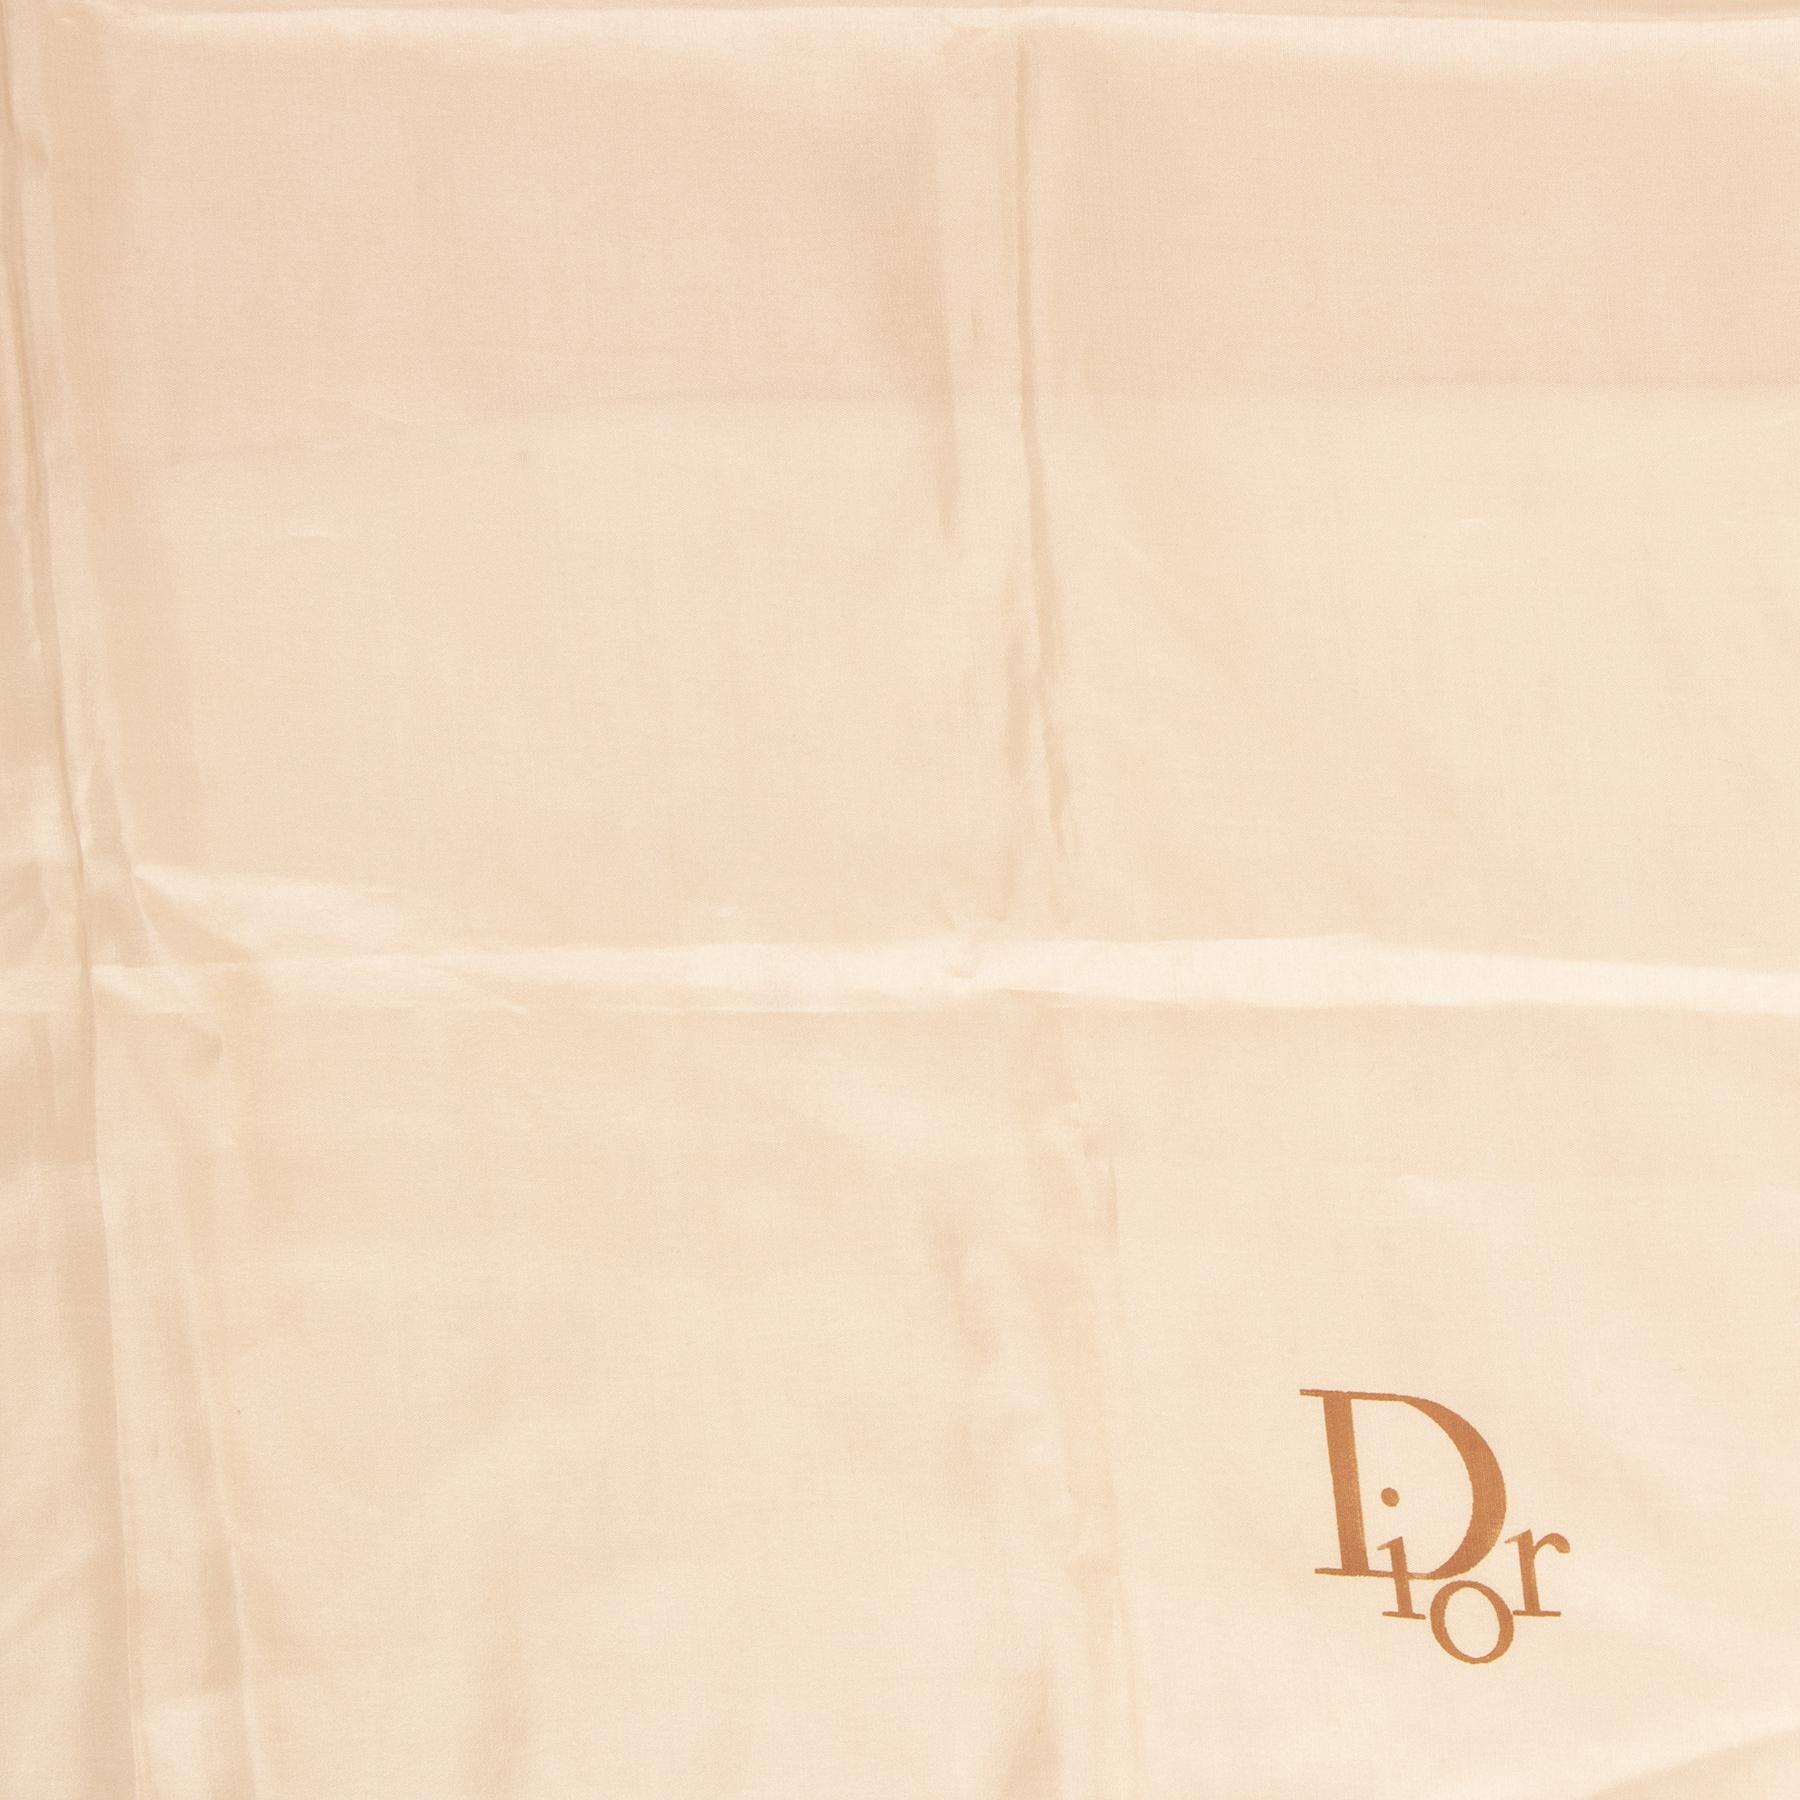 Koop authentieke tweedehands Dior sjaals met de juiste prijs bij LabelLOV.